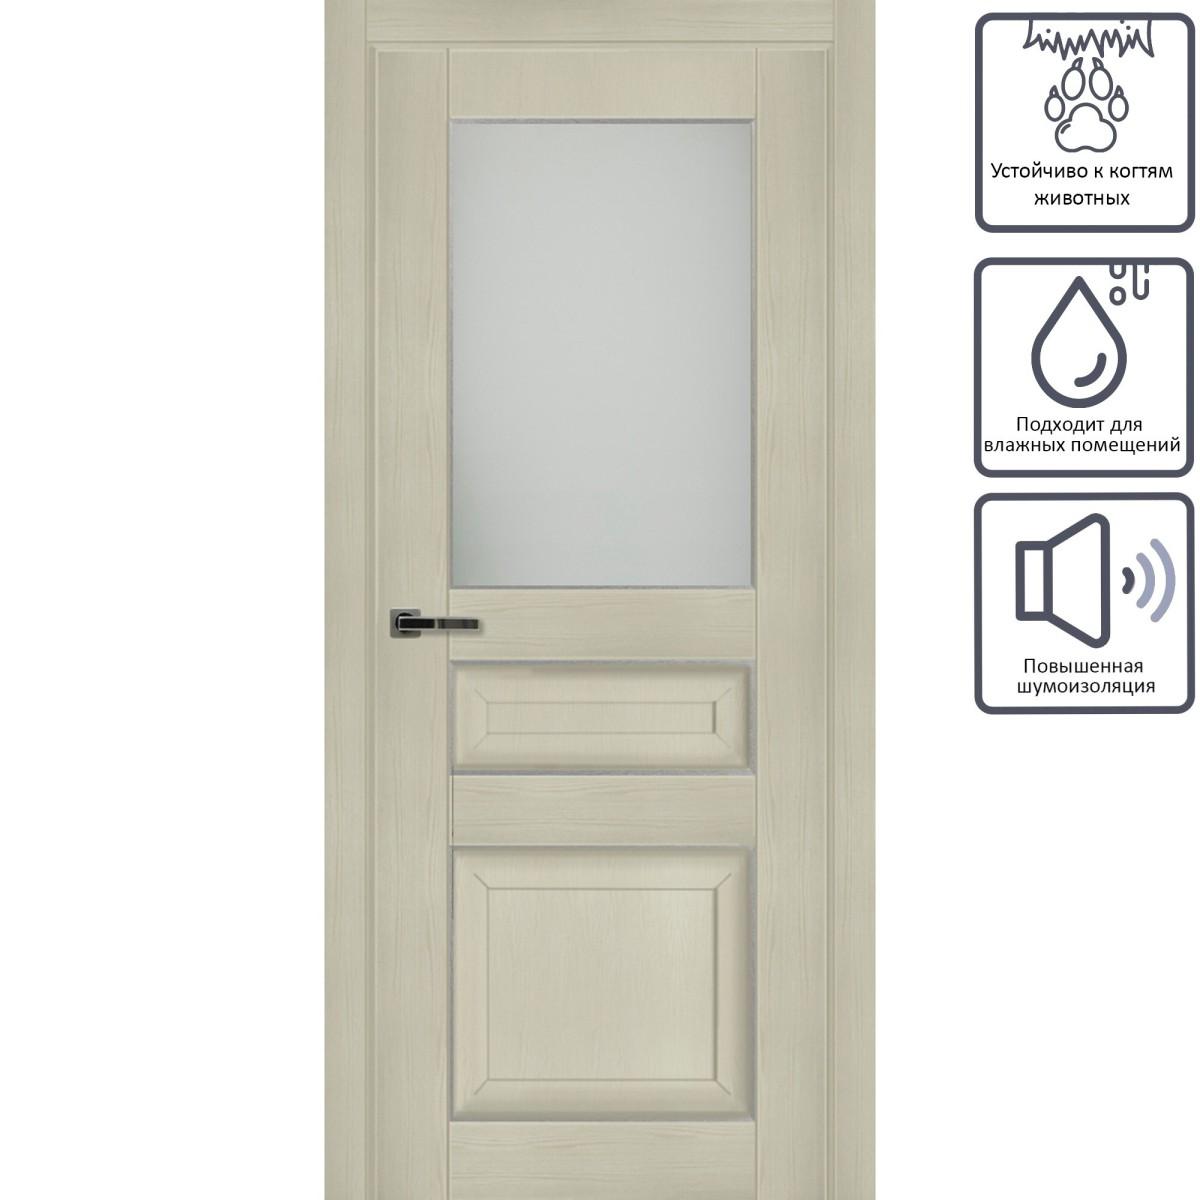 Дверь межкомнатная глухая с замком в комплекте Дерби 1900x900 мм CPL цвет белый